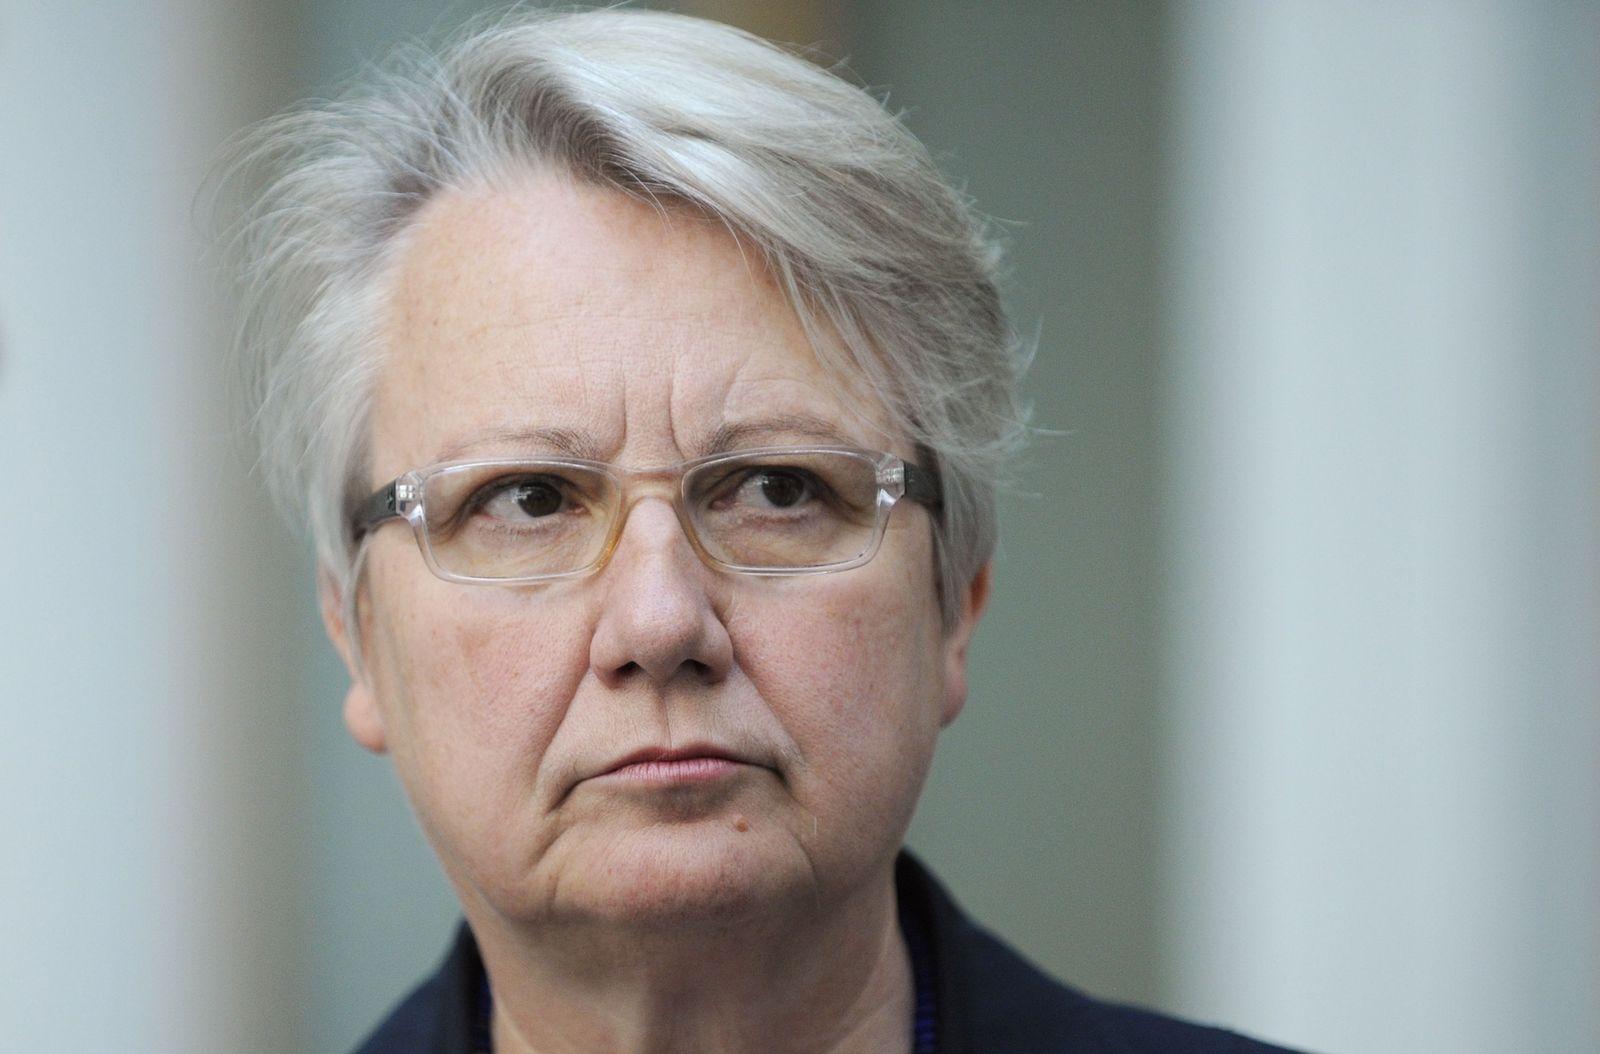 NICHT VERWENDEN Annette Schavan